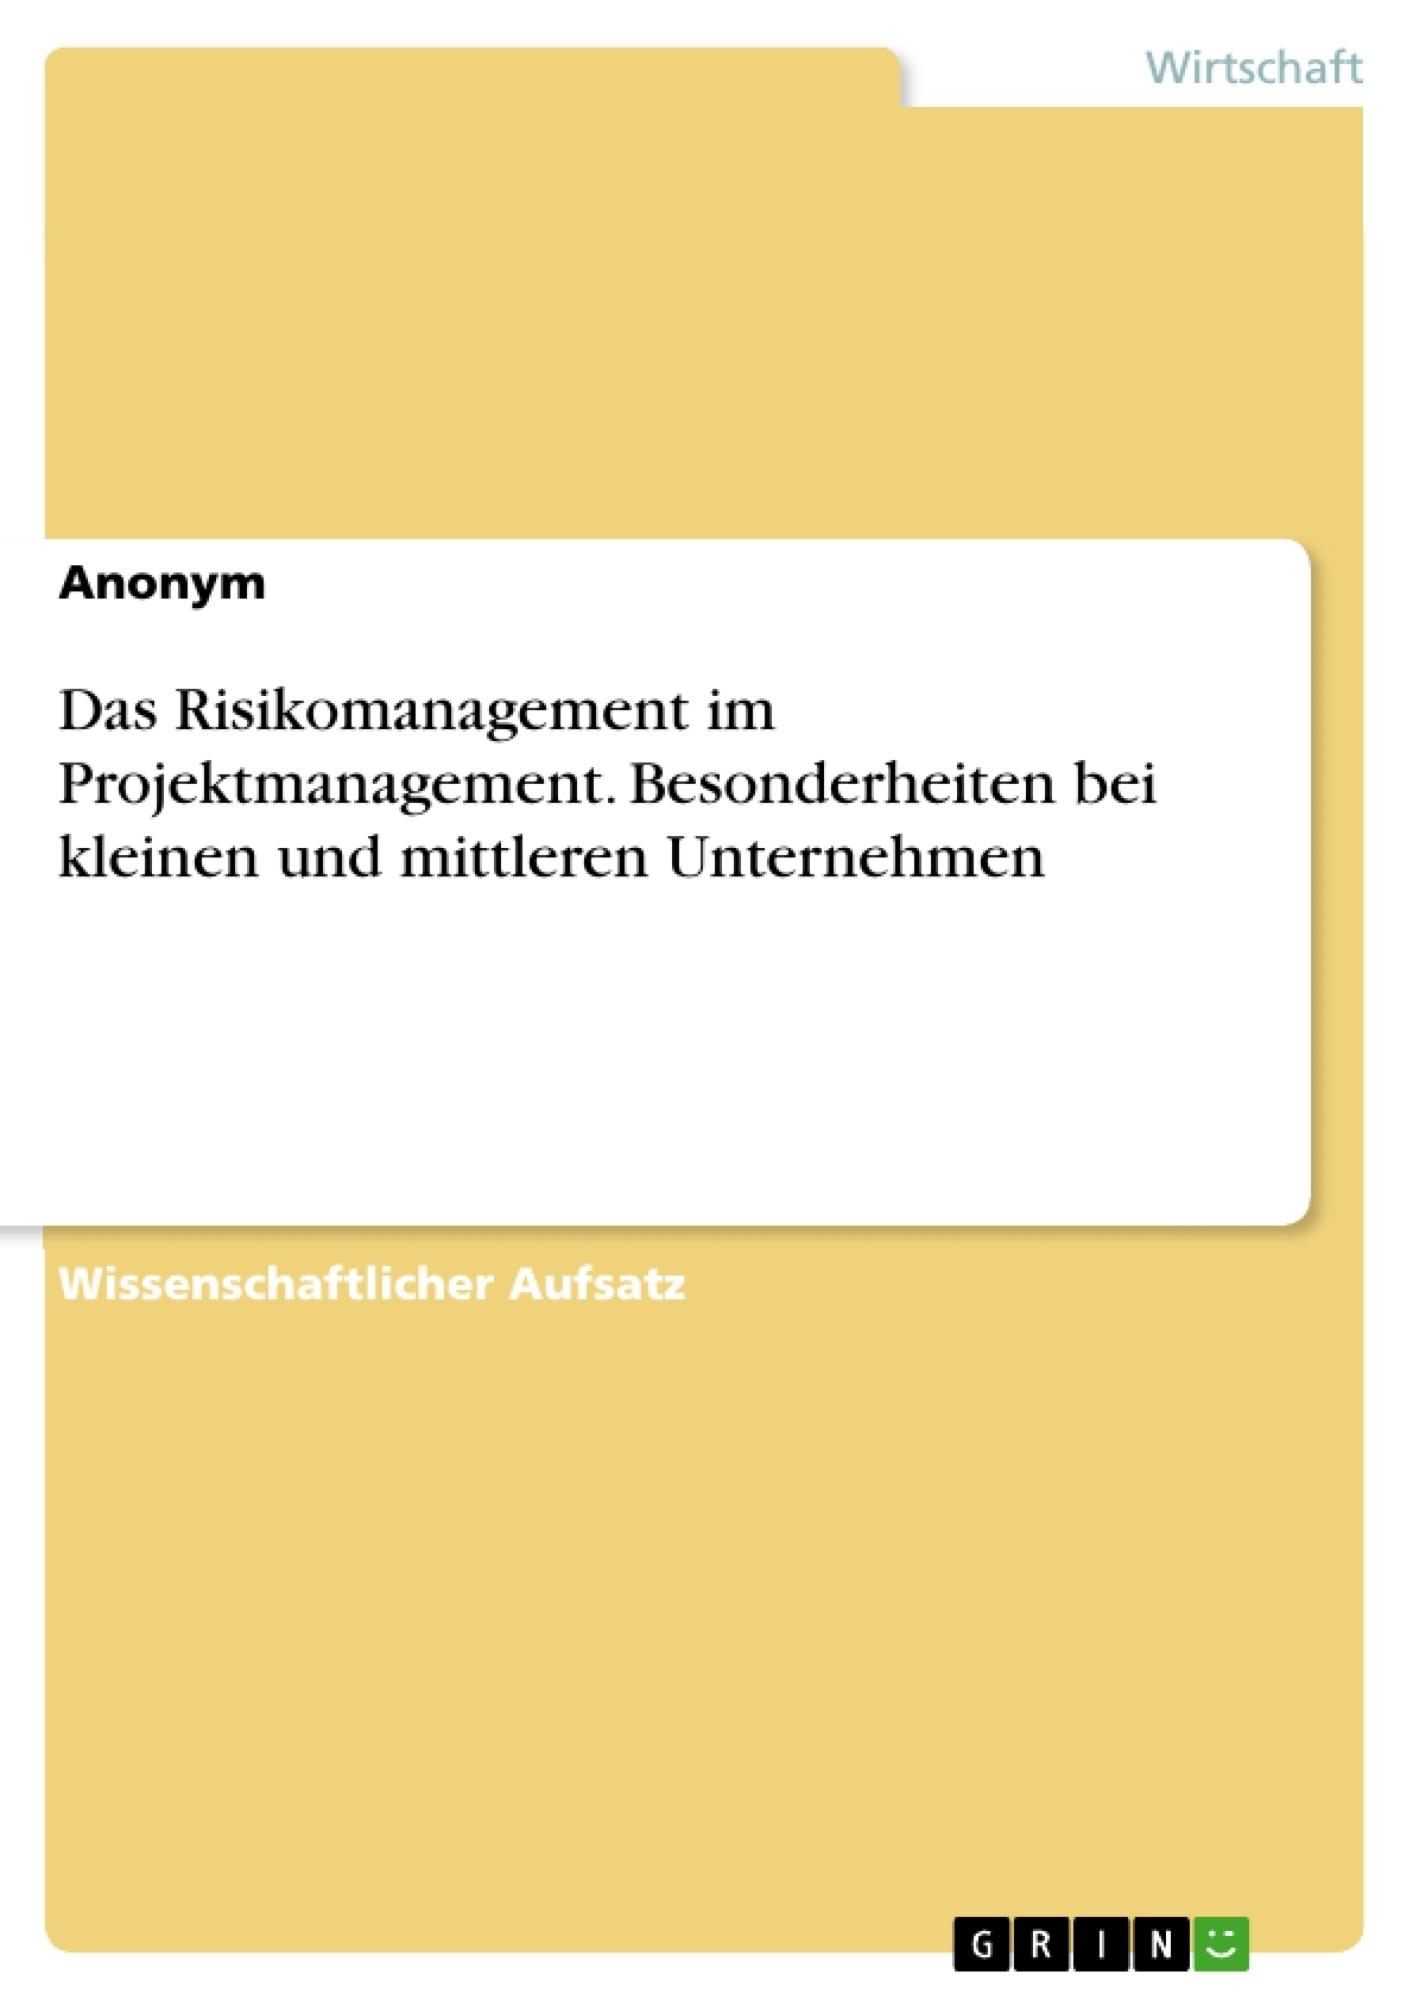 Titel: Das Risikomanagement im Projektmanagement. Besonderheiten bei kleinen und mittleren Unternehmen